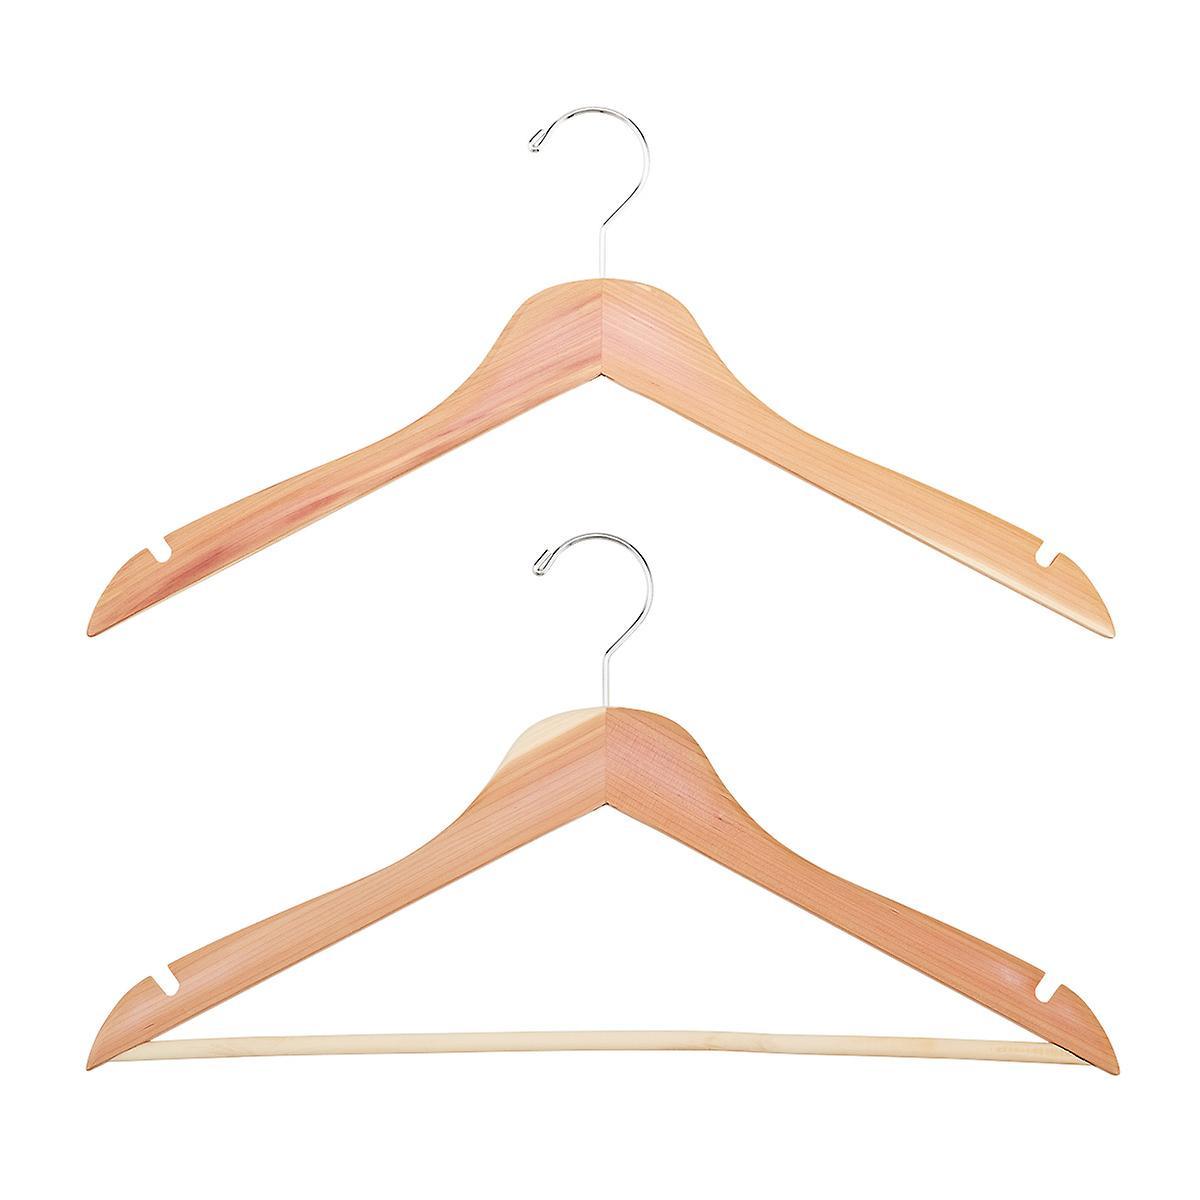 Basic Cedar Shirt Hangers